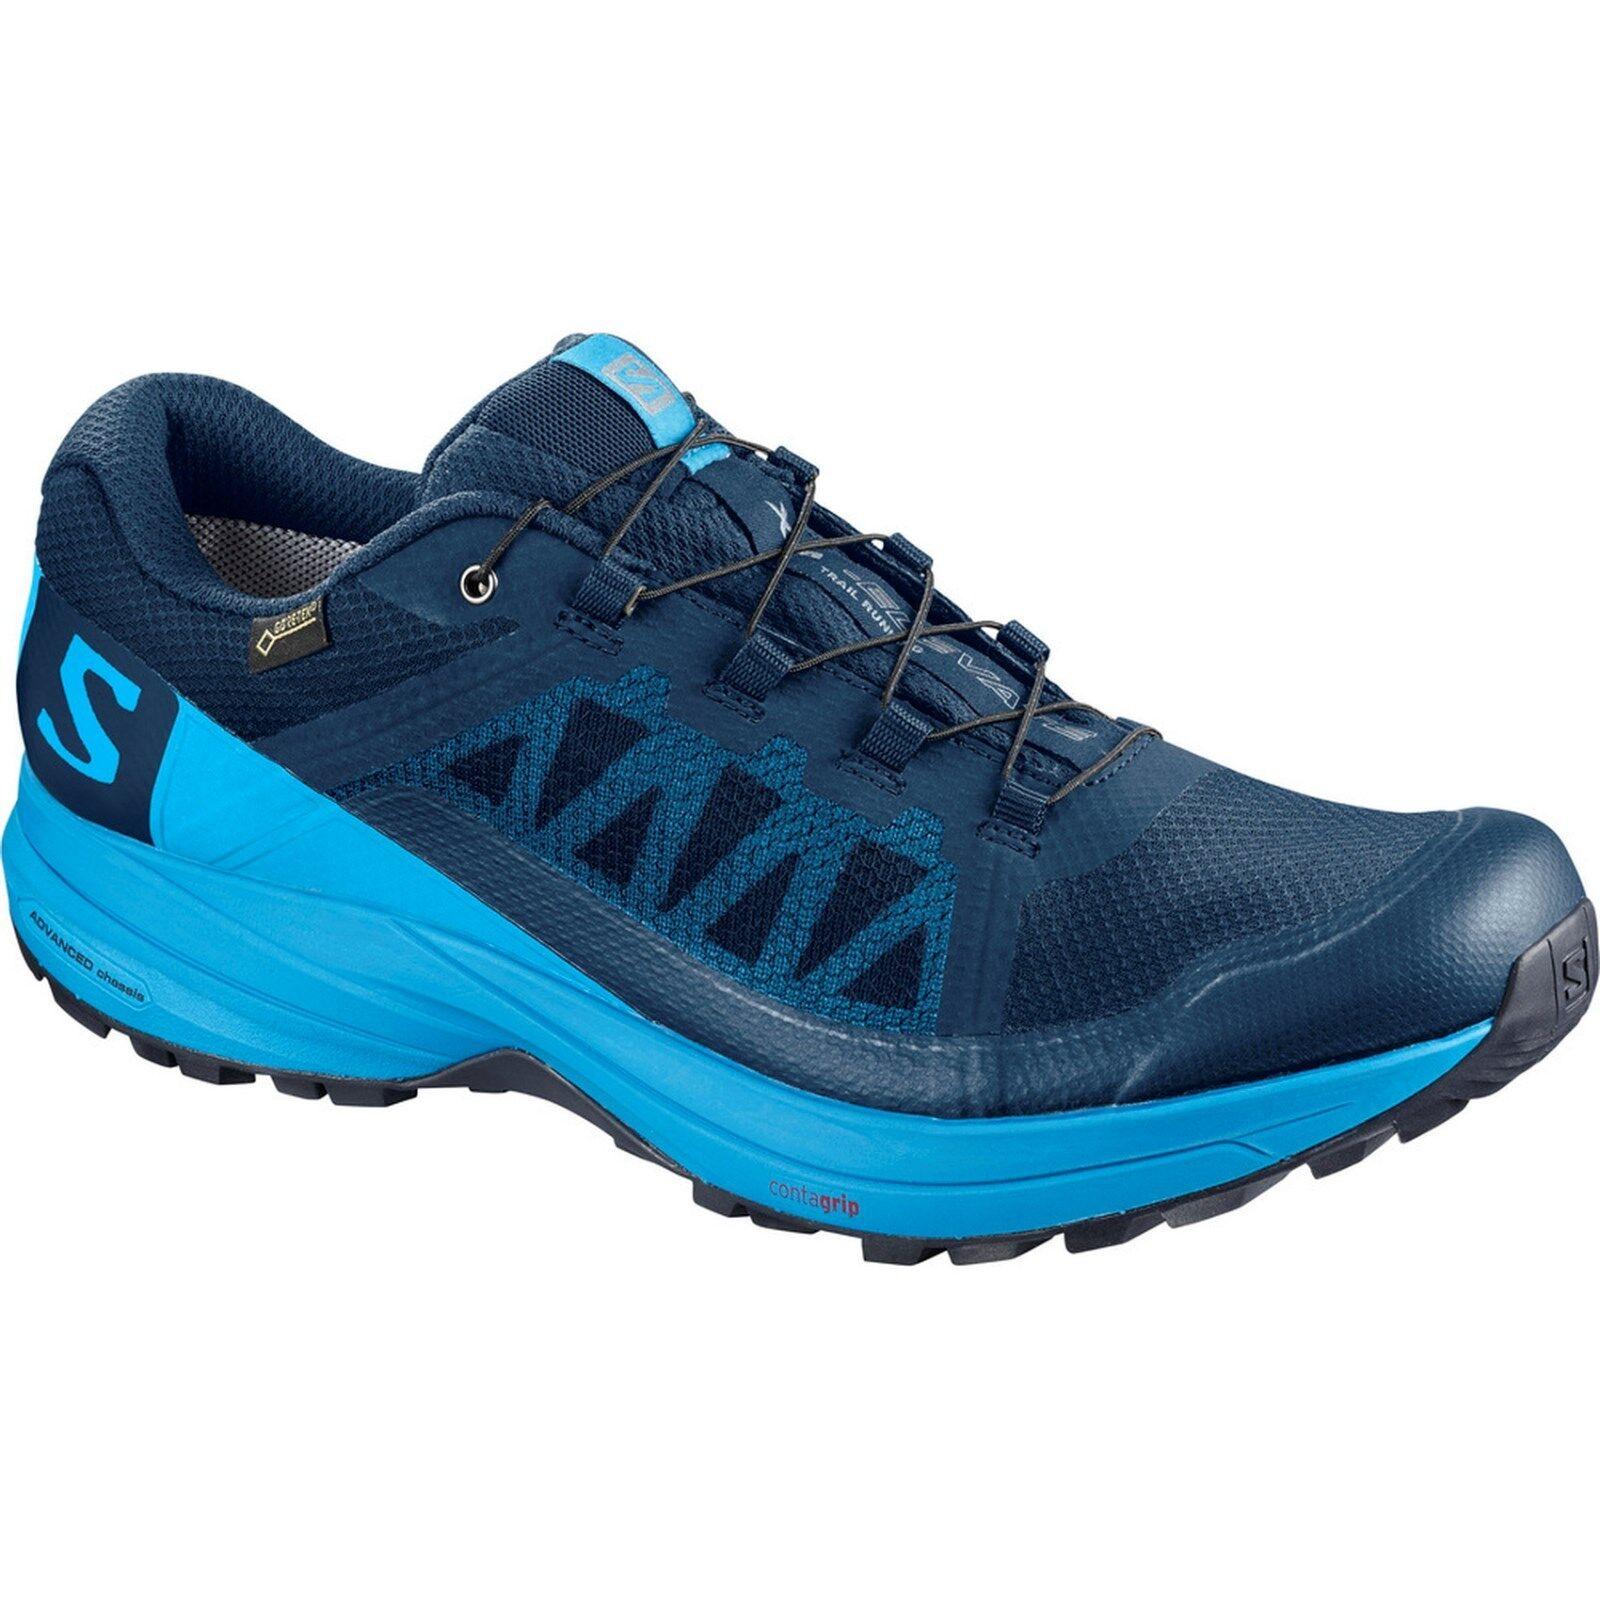 Salomon señores estancos calzado deportivo xa Elevate GTX Man zapatos salomon  nuevo